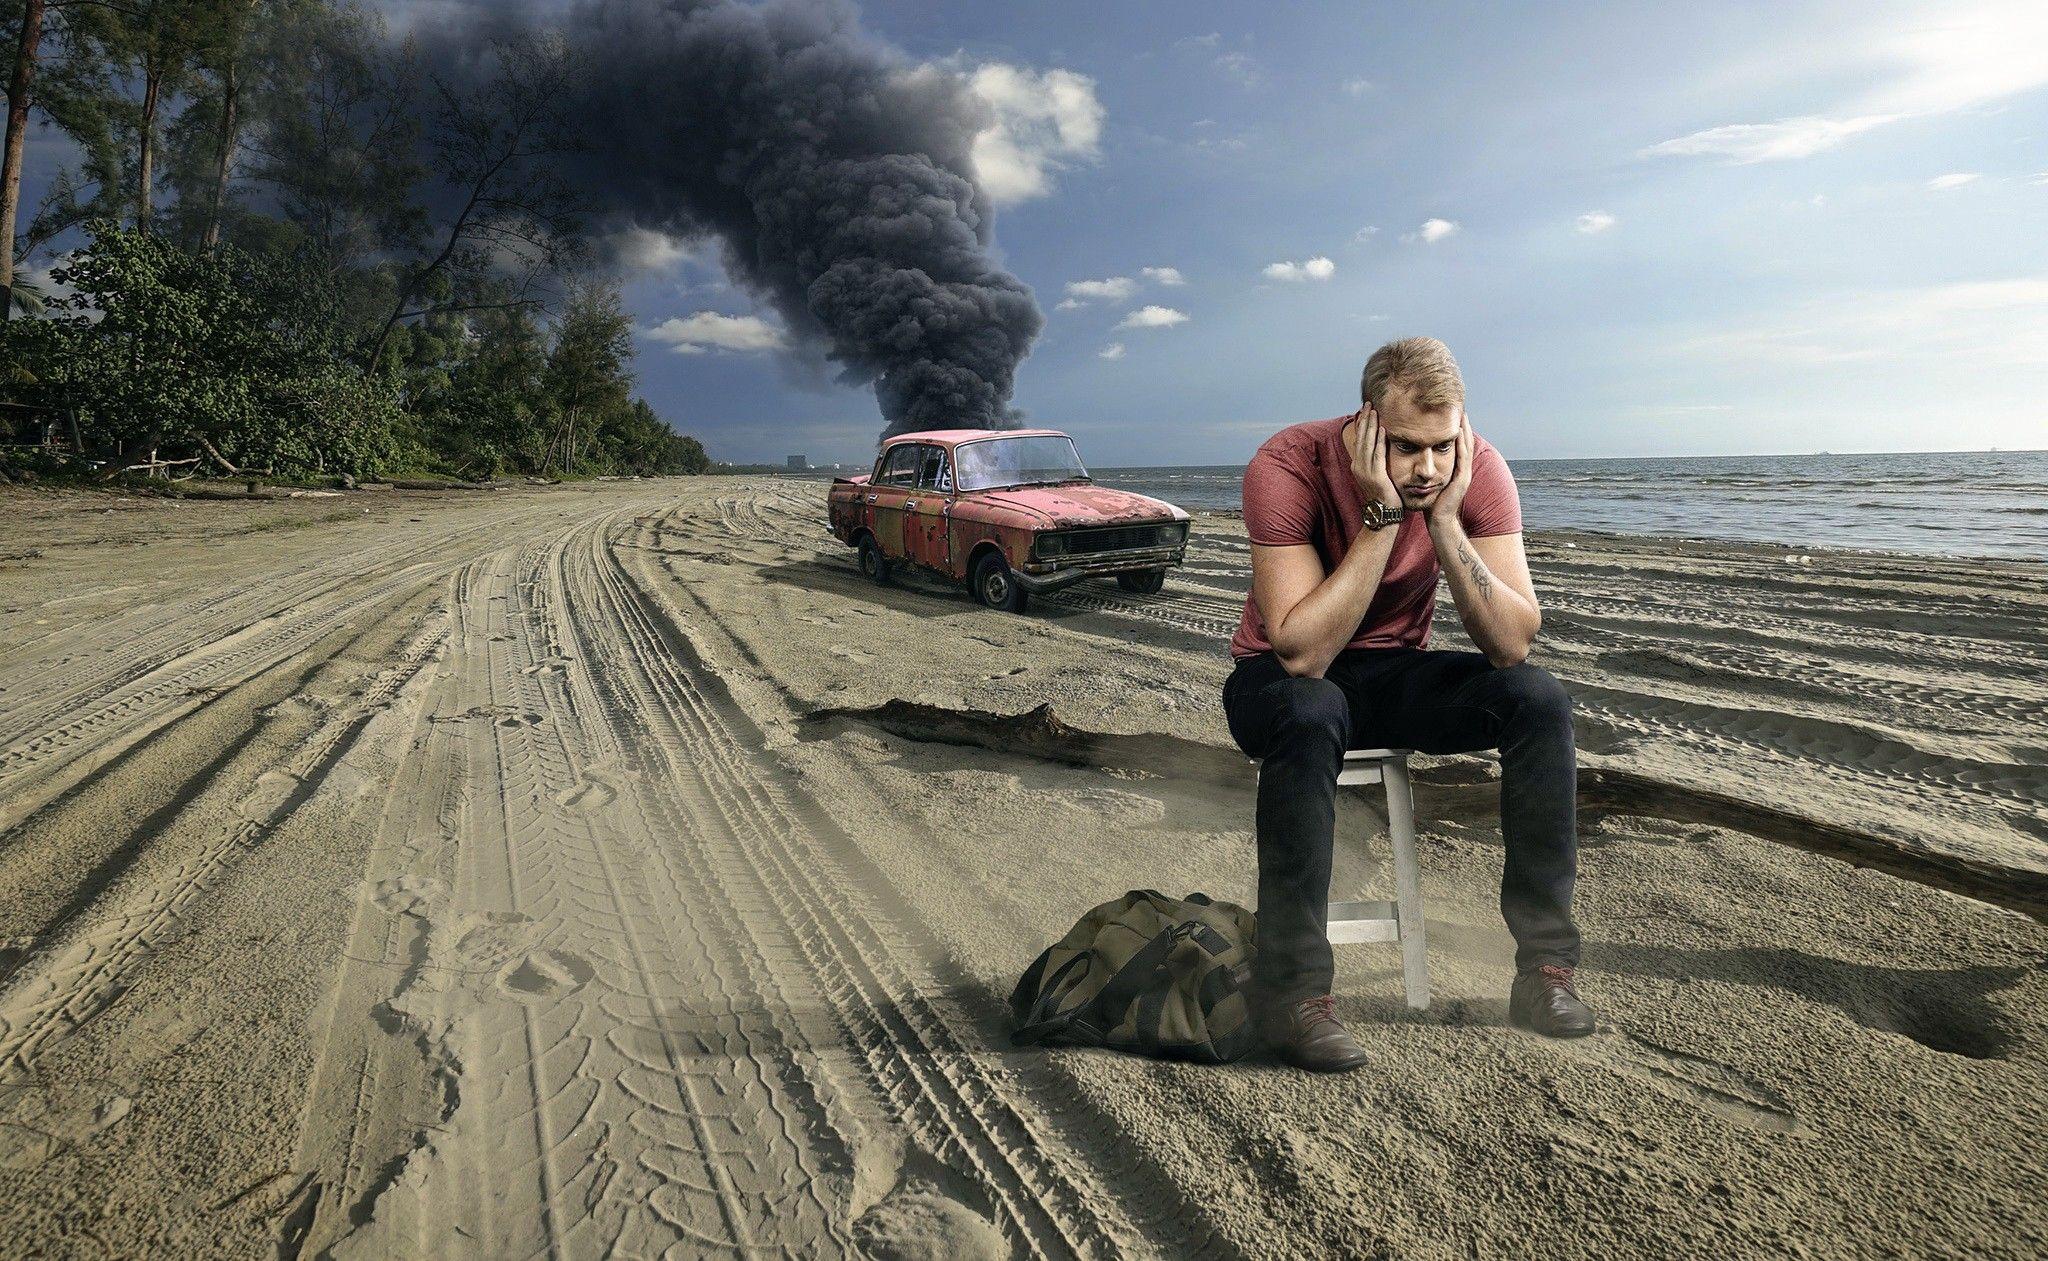 Imagen de Smoke Get in Your Eyes, primer capitulo de la serie televisiva Mad Men.